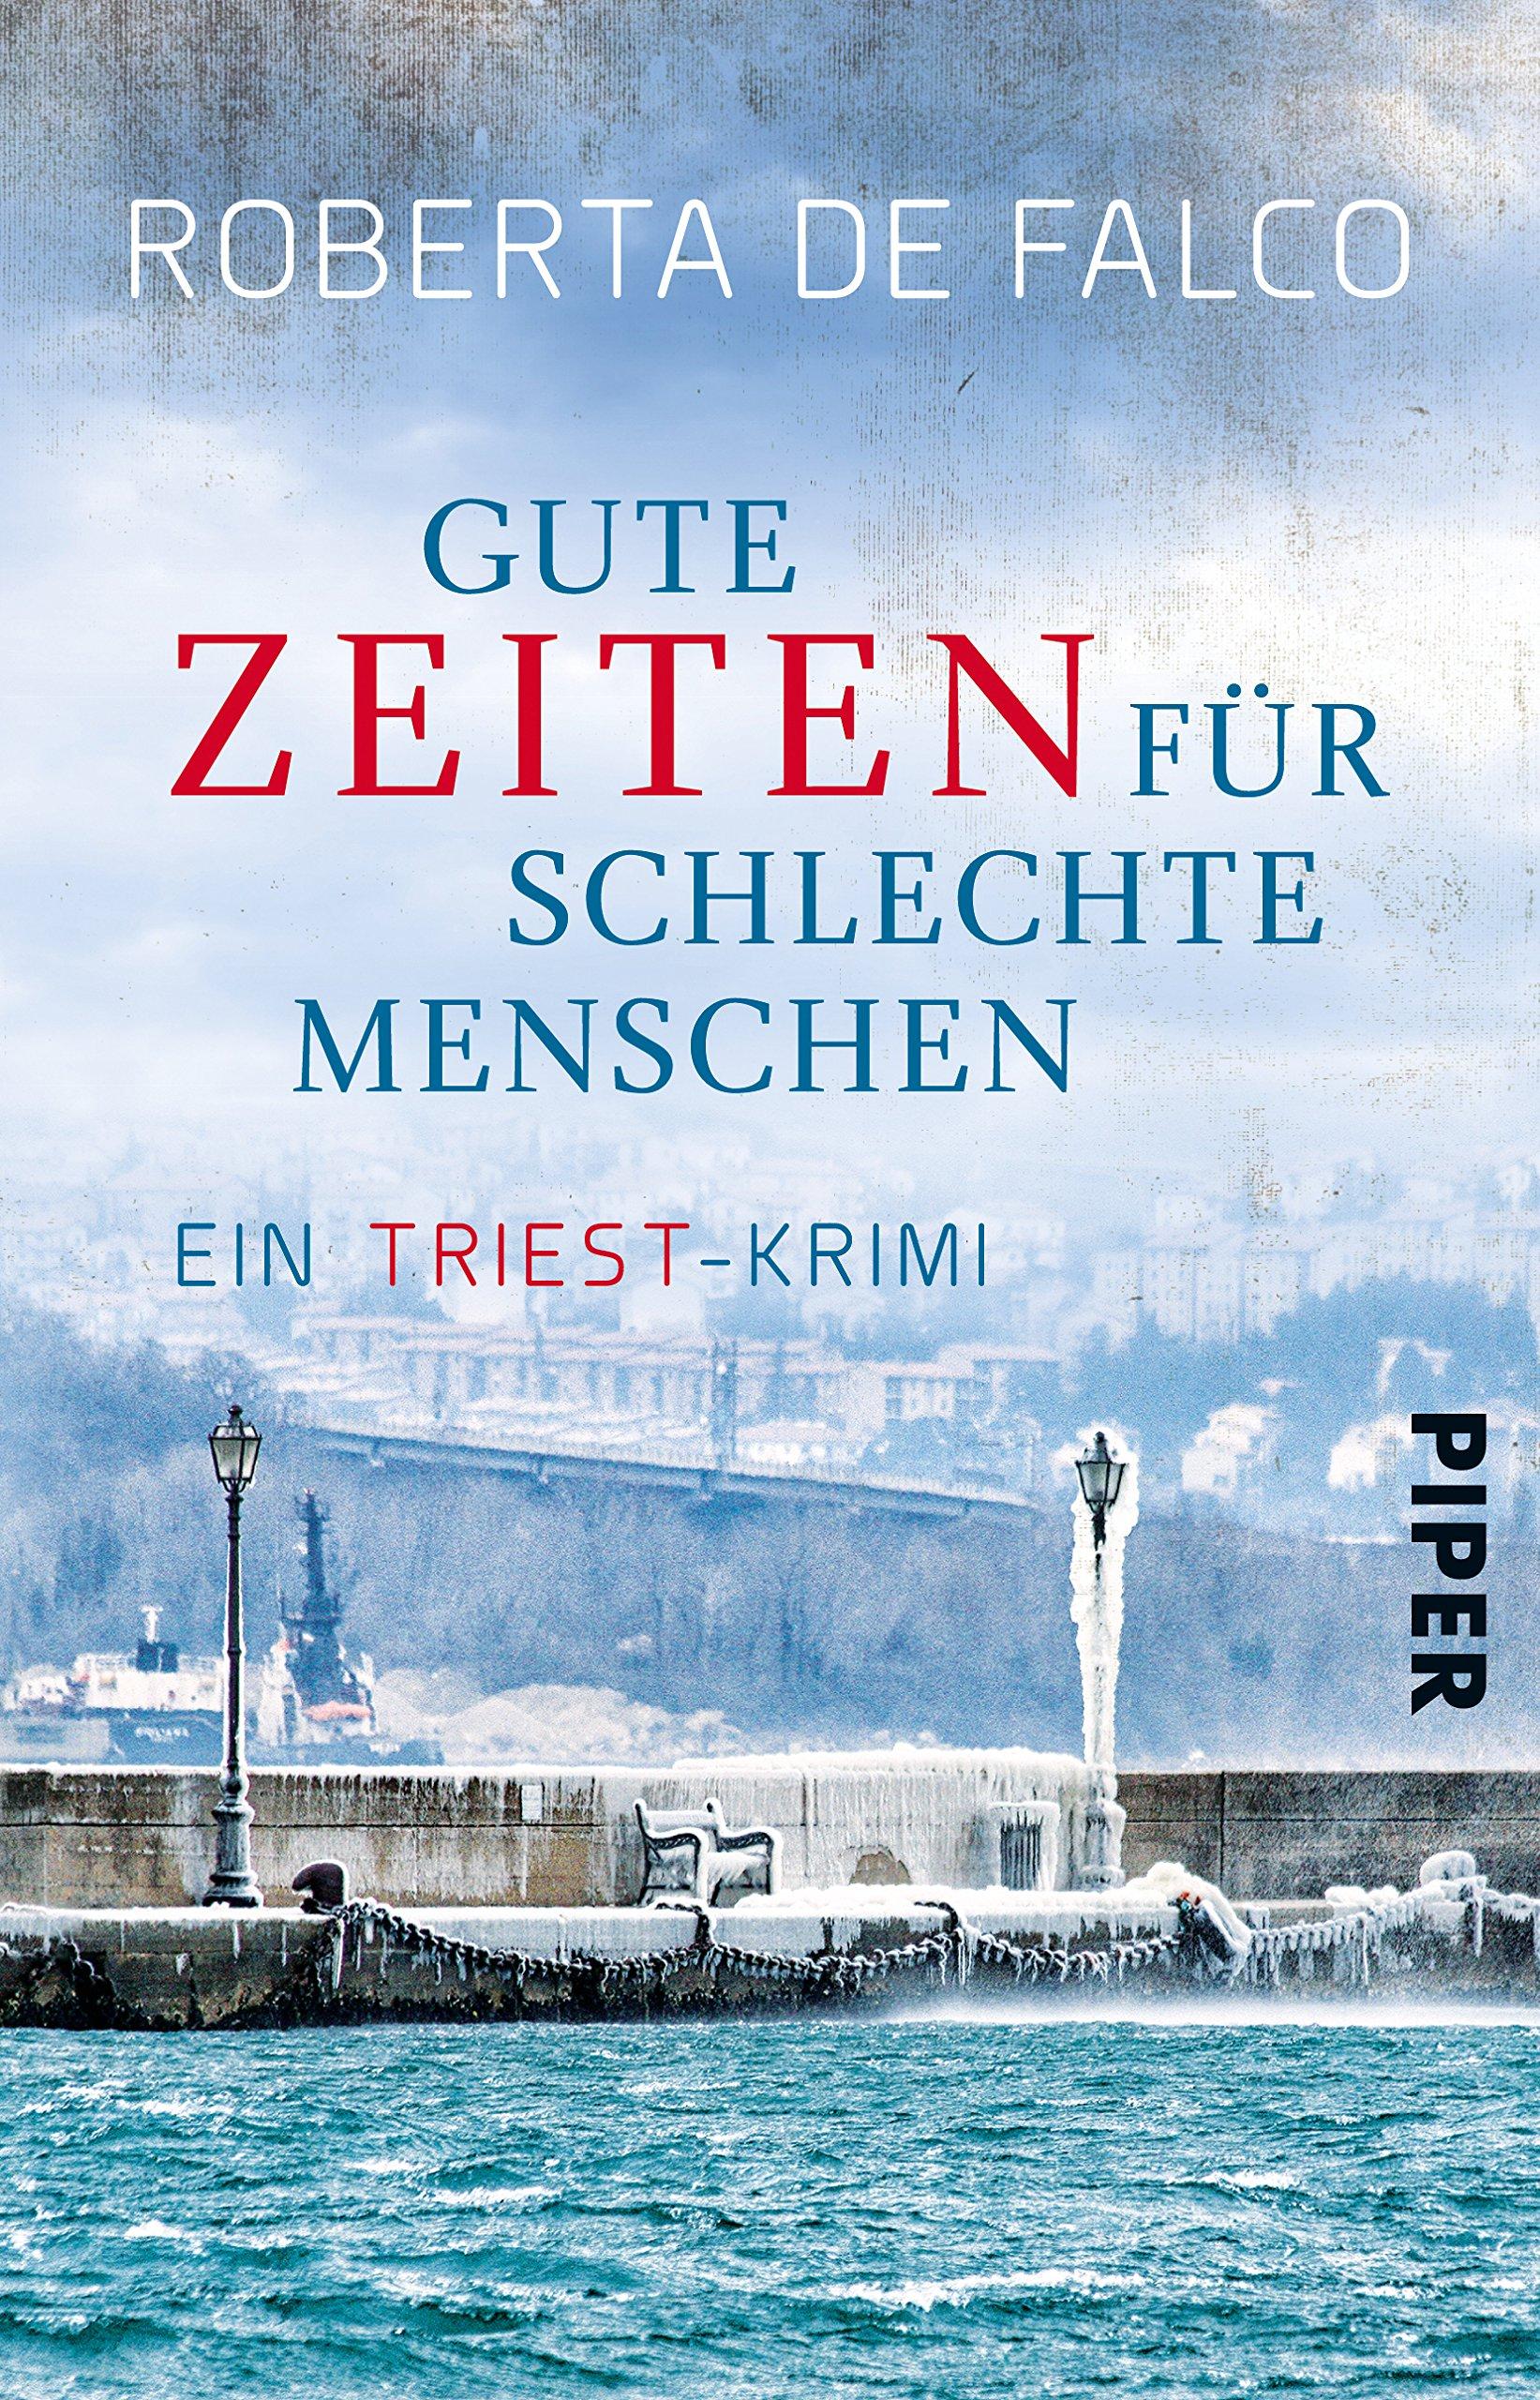 Gute Zeiten für schlechte Menschen: Ein Triest-Krimi (Commissario-Benussi-Reihe, Band 2)